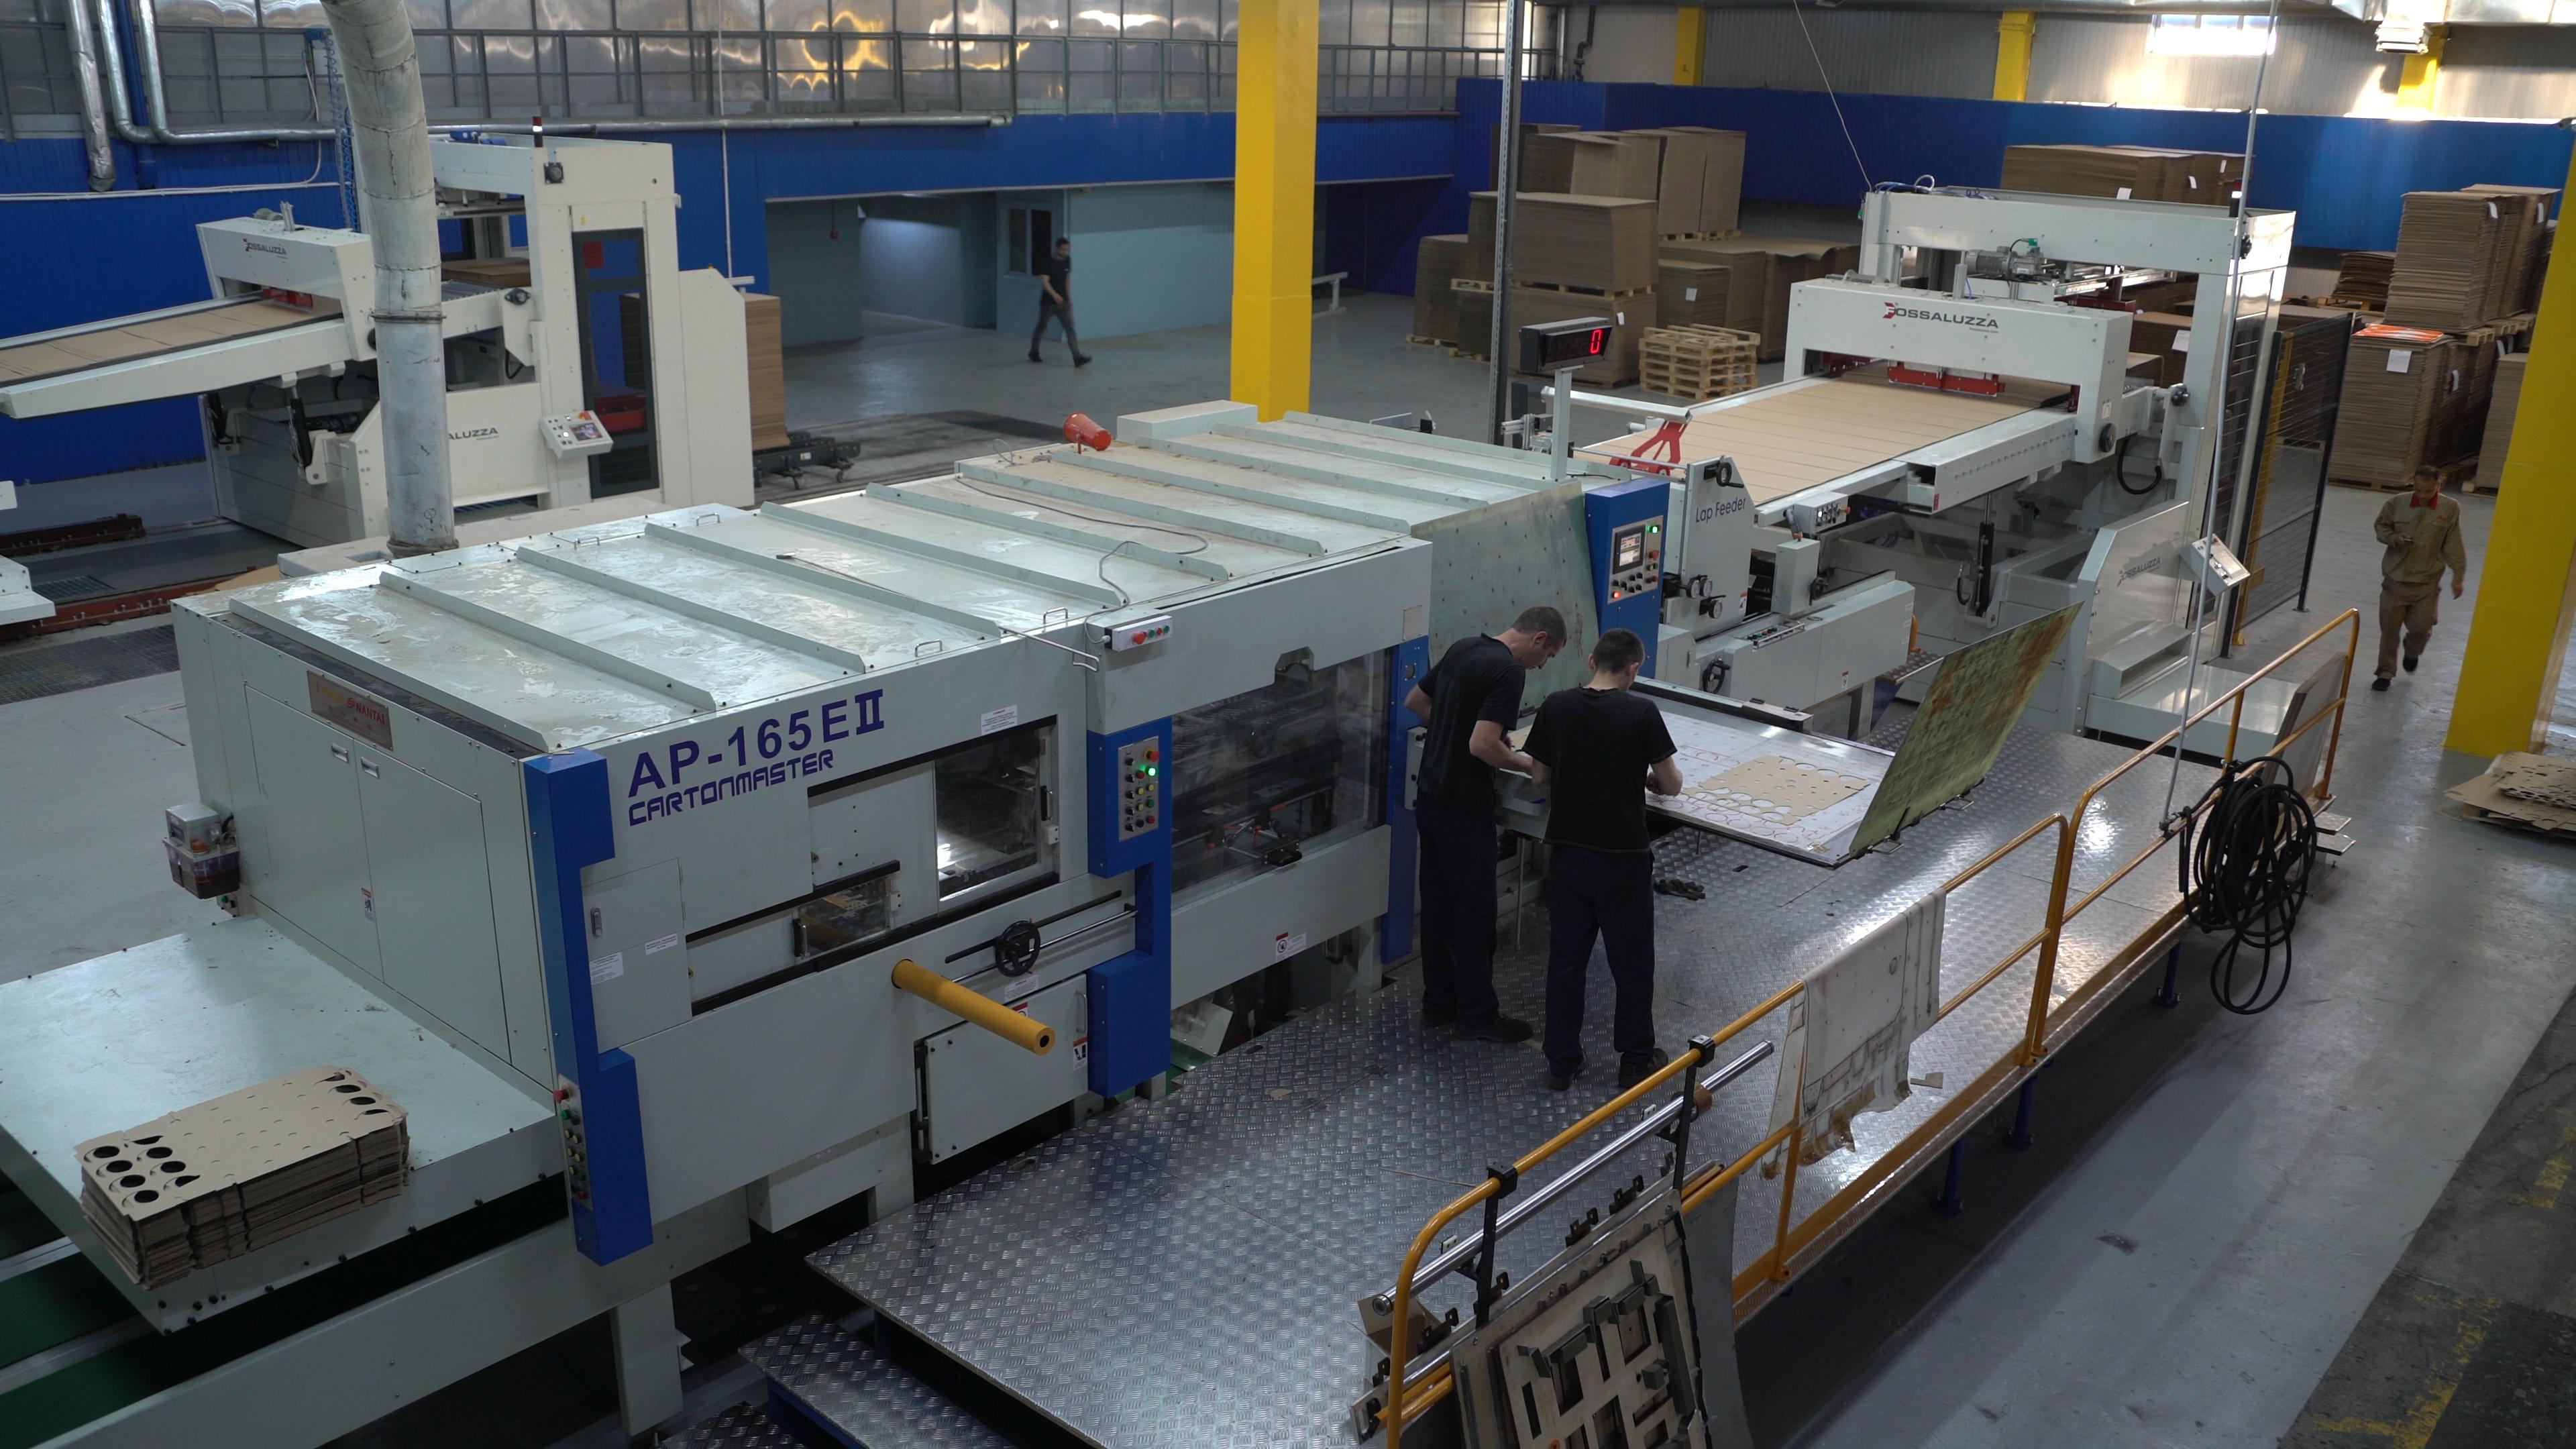 Запуск автоматического плосковысекательного пресса ASAHI, модель AP-165EII  на производстве АО «ГОТЭК»